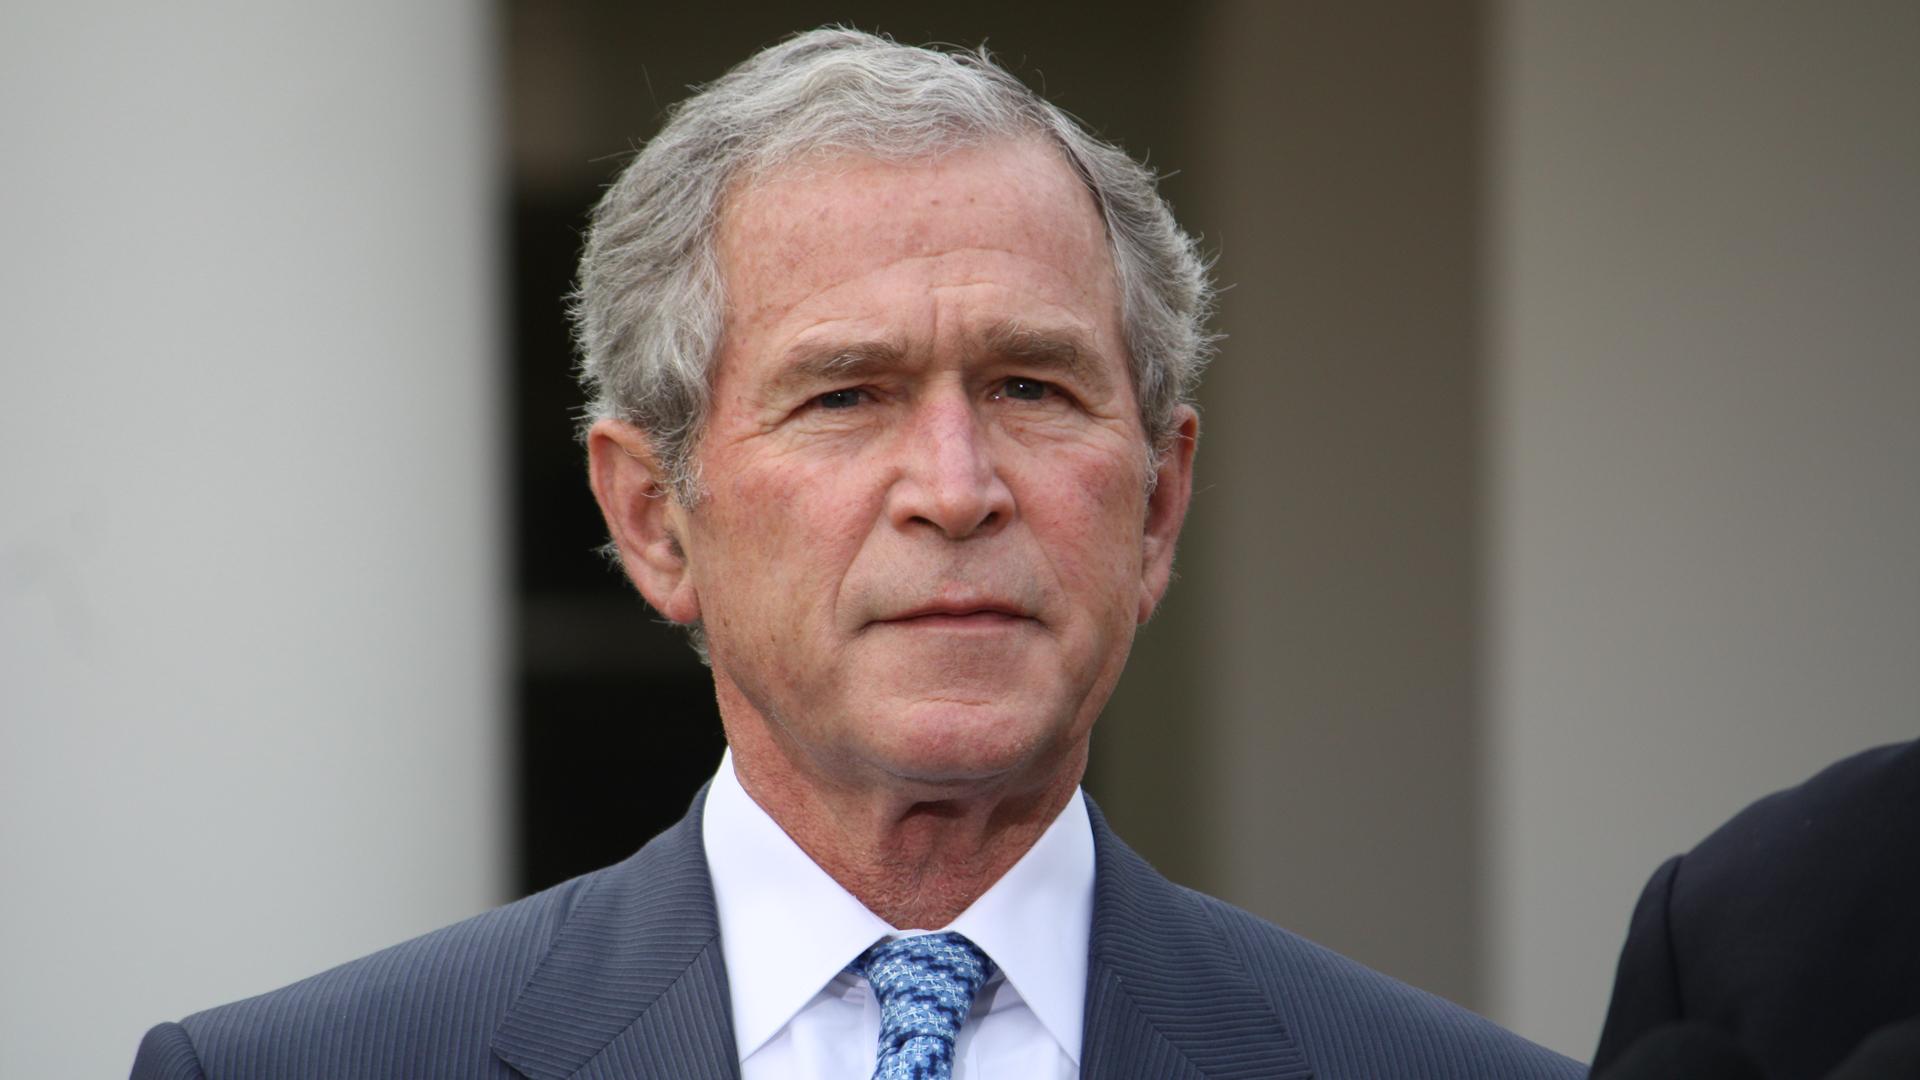 George W. Bush, ABD 43. başkanı